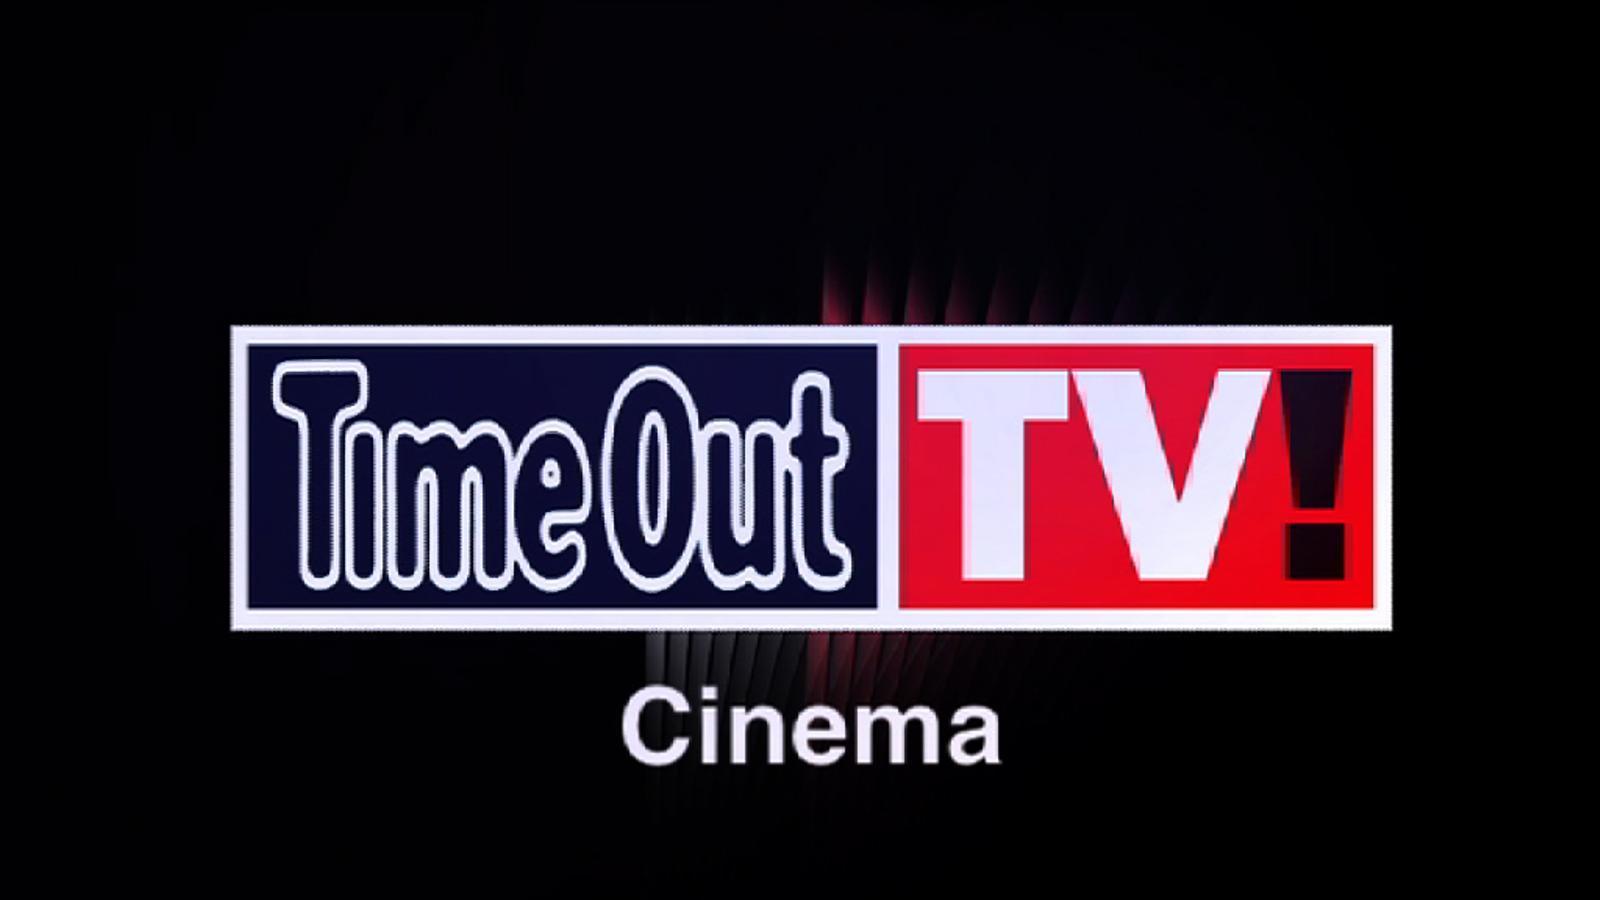 Al TimeOut Cinema d'avui parlem d''En el centro de la tormenta'